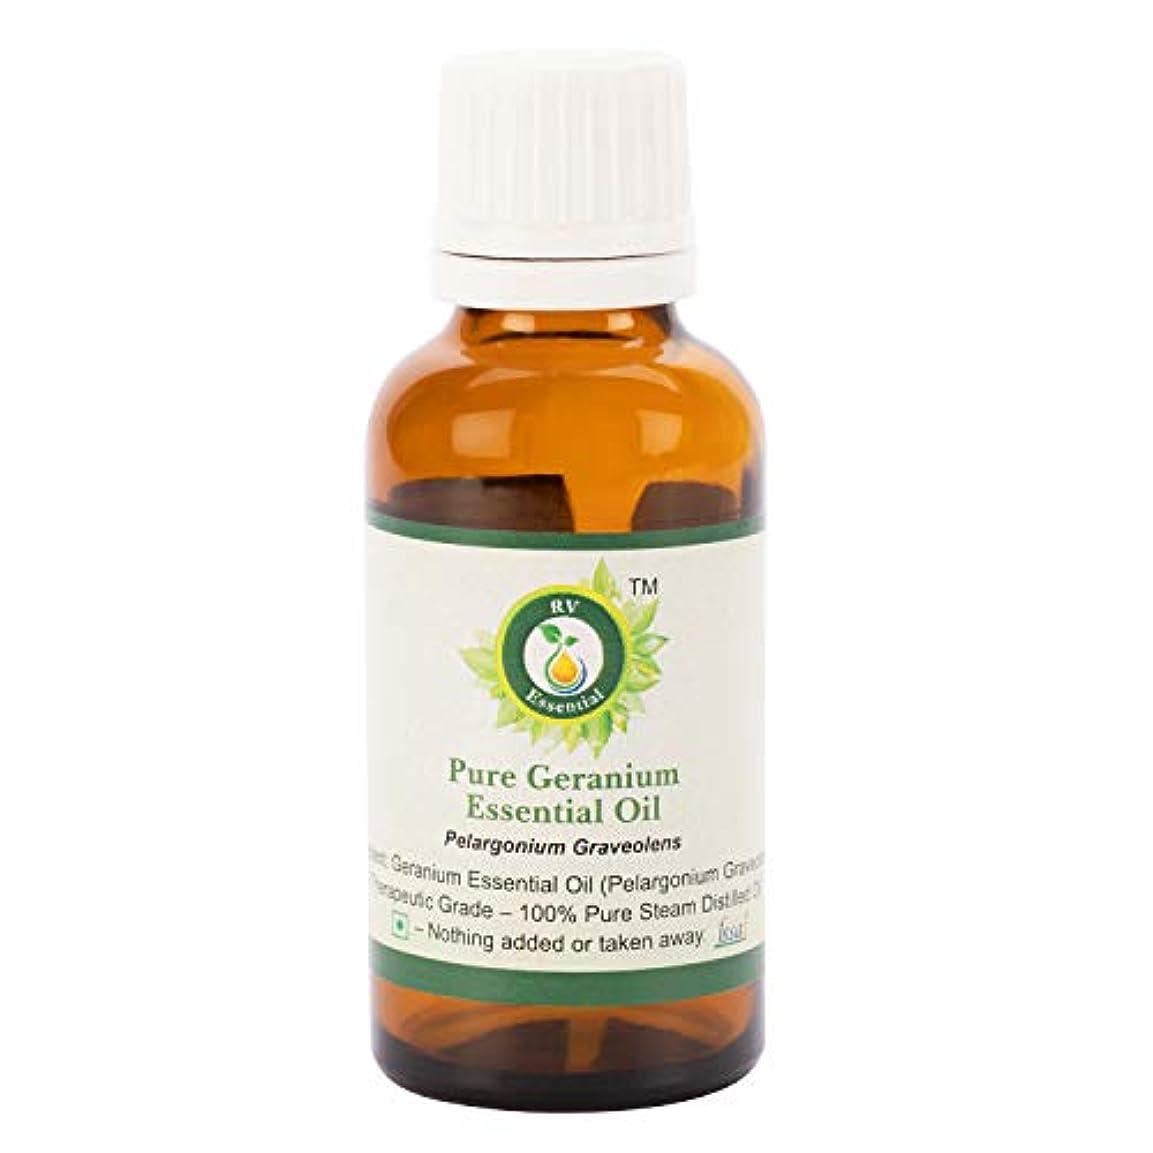 コンピューターを使用する起きている確執ピュアゼラニウムエッセンシャルオイル300ml (10oz)- Pelargonium Graveolens (100%純粋&天然スチームDistilled) Pure Geranium Essential Oil